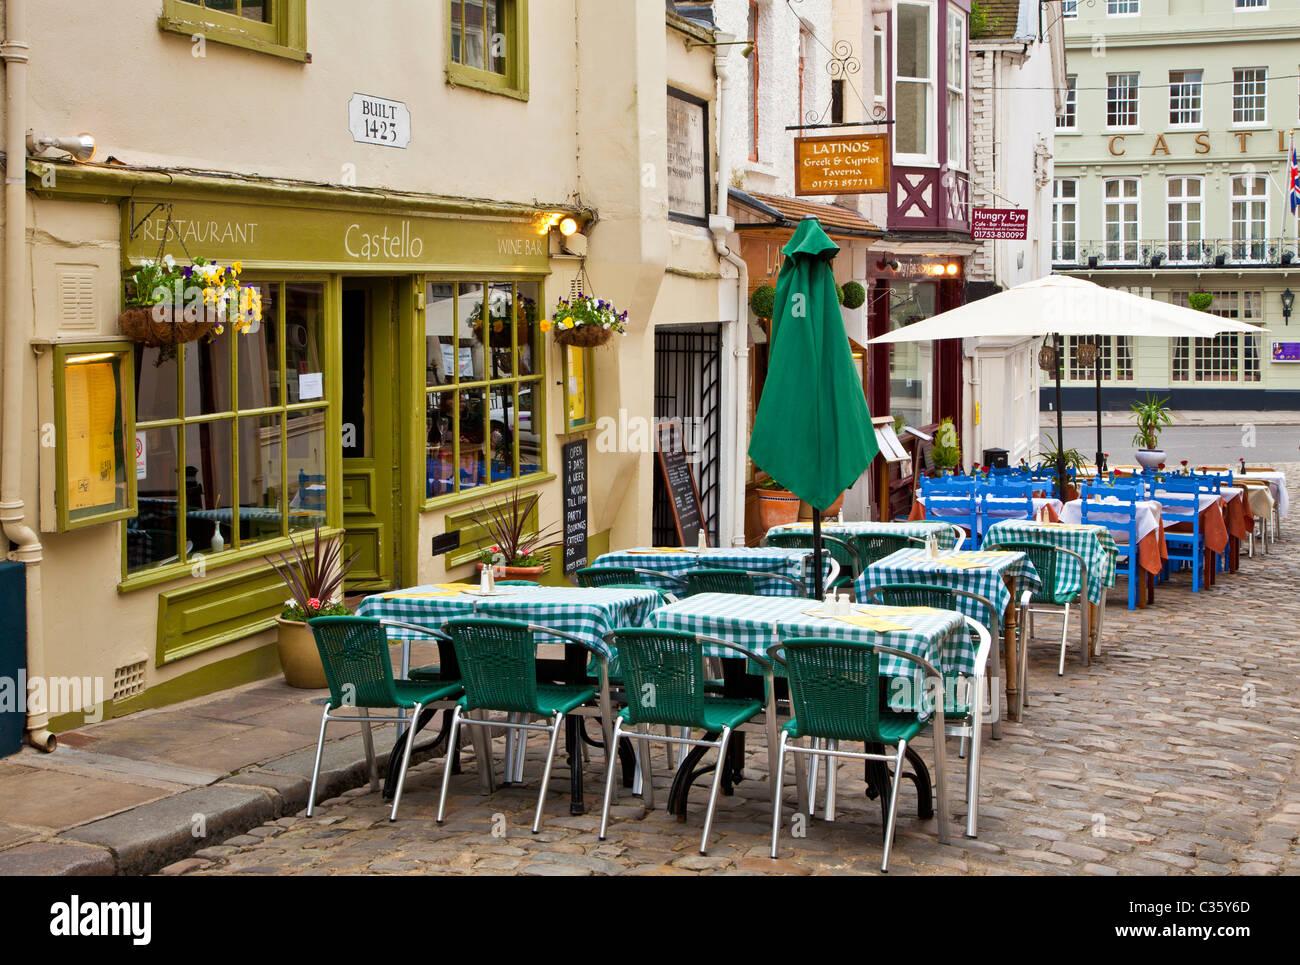 Mesas y sillas fuera de un bar de vinos y restaurante en Church Lane, una pequeña calle de adoquines en Windsor, Berkshire, Inglaterra, Reino Unido. Foto de stock